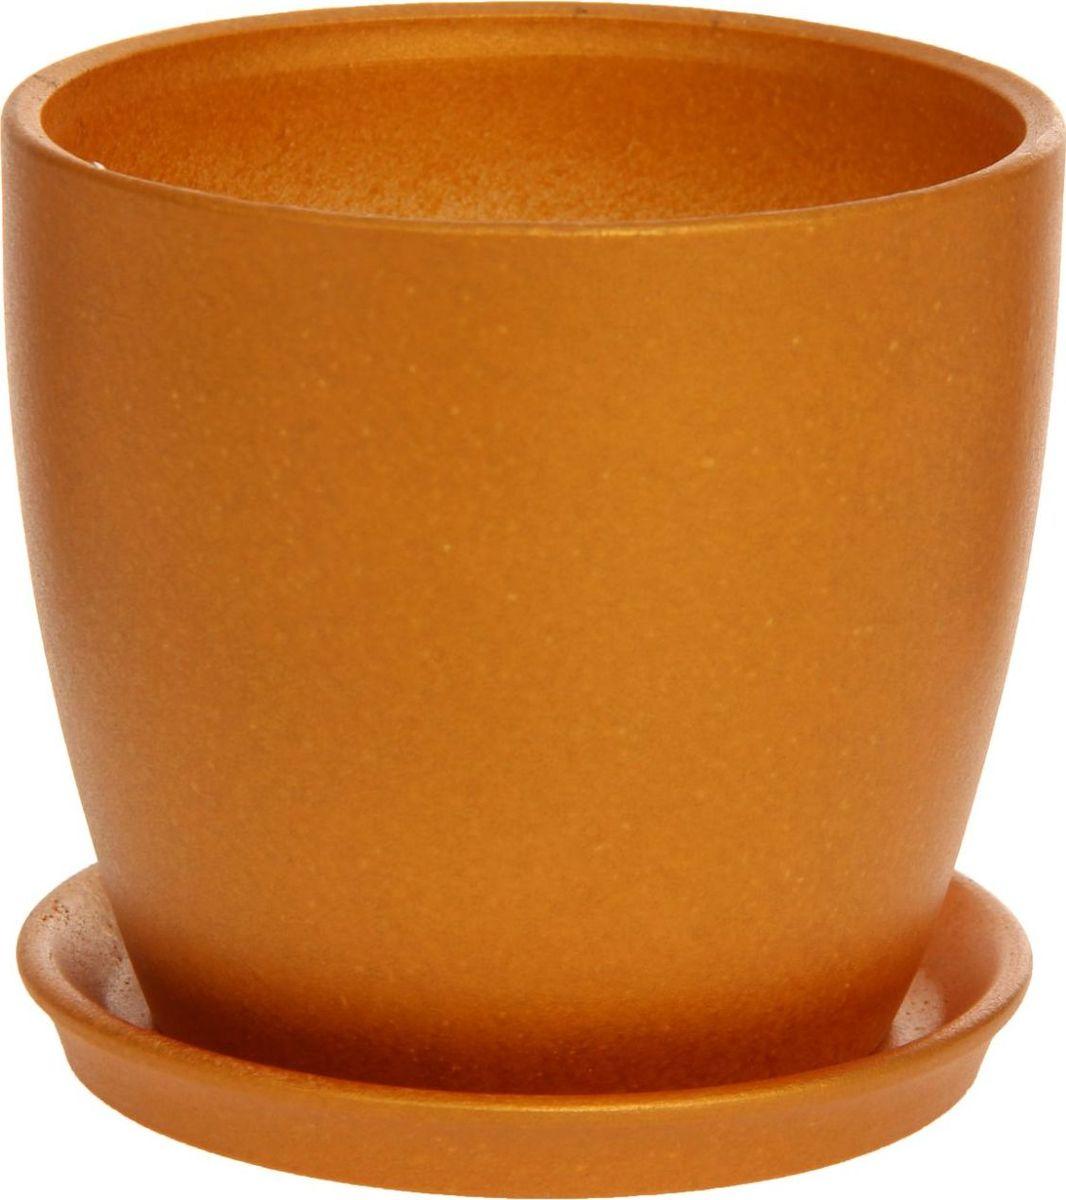 Кашпо Керамика ручной работы Осень, цвет: золотой, 1 л1170282Комнатные растения — всеобщие любимцы. Они радуют глаз, насыщают помещение кислородом и украшают пространство. Каждому из них необходим свой удобный и красивый дом. Кашпо из керамики прекрасно подходят для высадки растений: за счет пластичности глины и разных способов обработки существует великое множество форм и дизайнов пористый материал позволяет испаряться лишней влаге воздух, необходимый для дыхания корней, проникает сквозь керамические стенки! позаботится о зеленом питомце, освежит интерьер и подчеркнет его стиль.